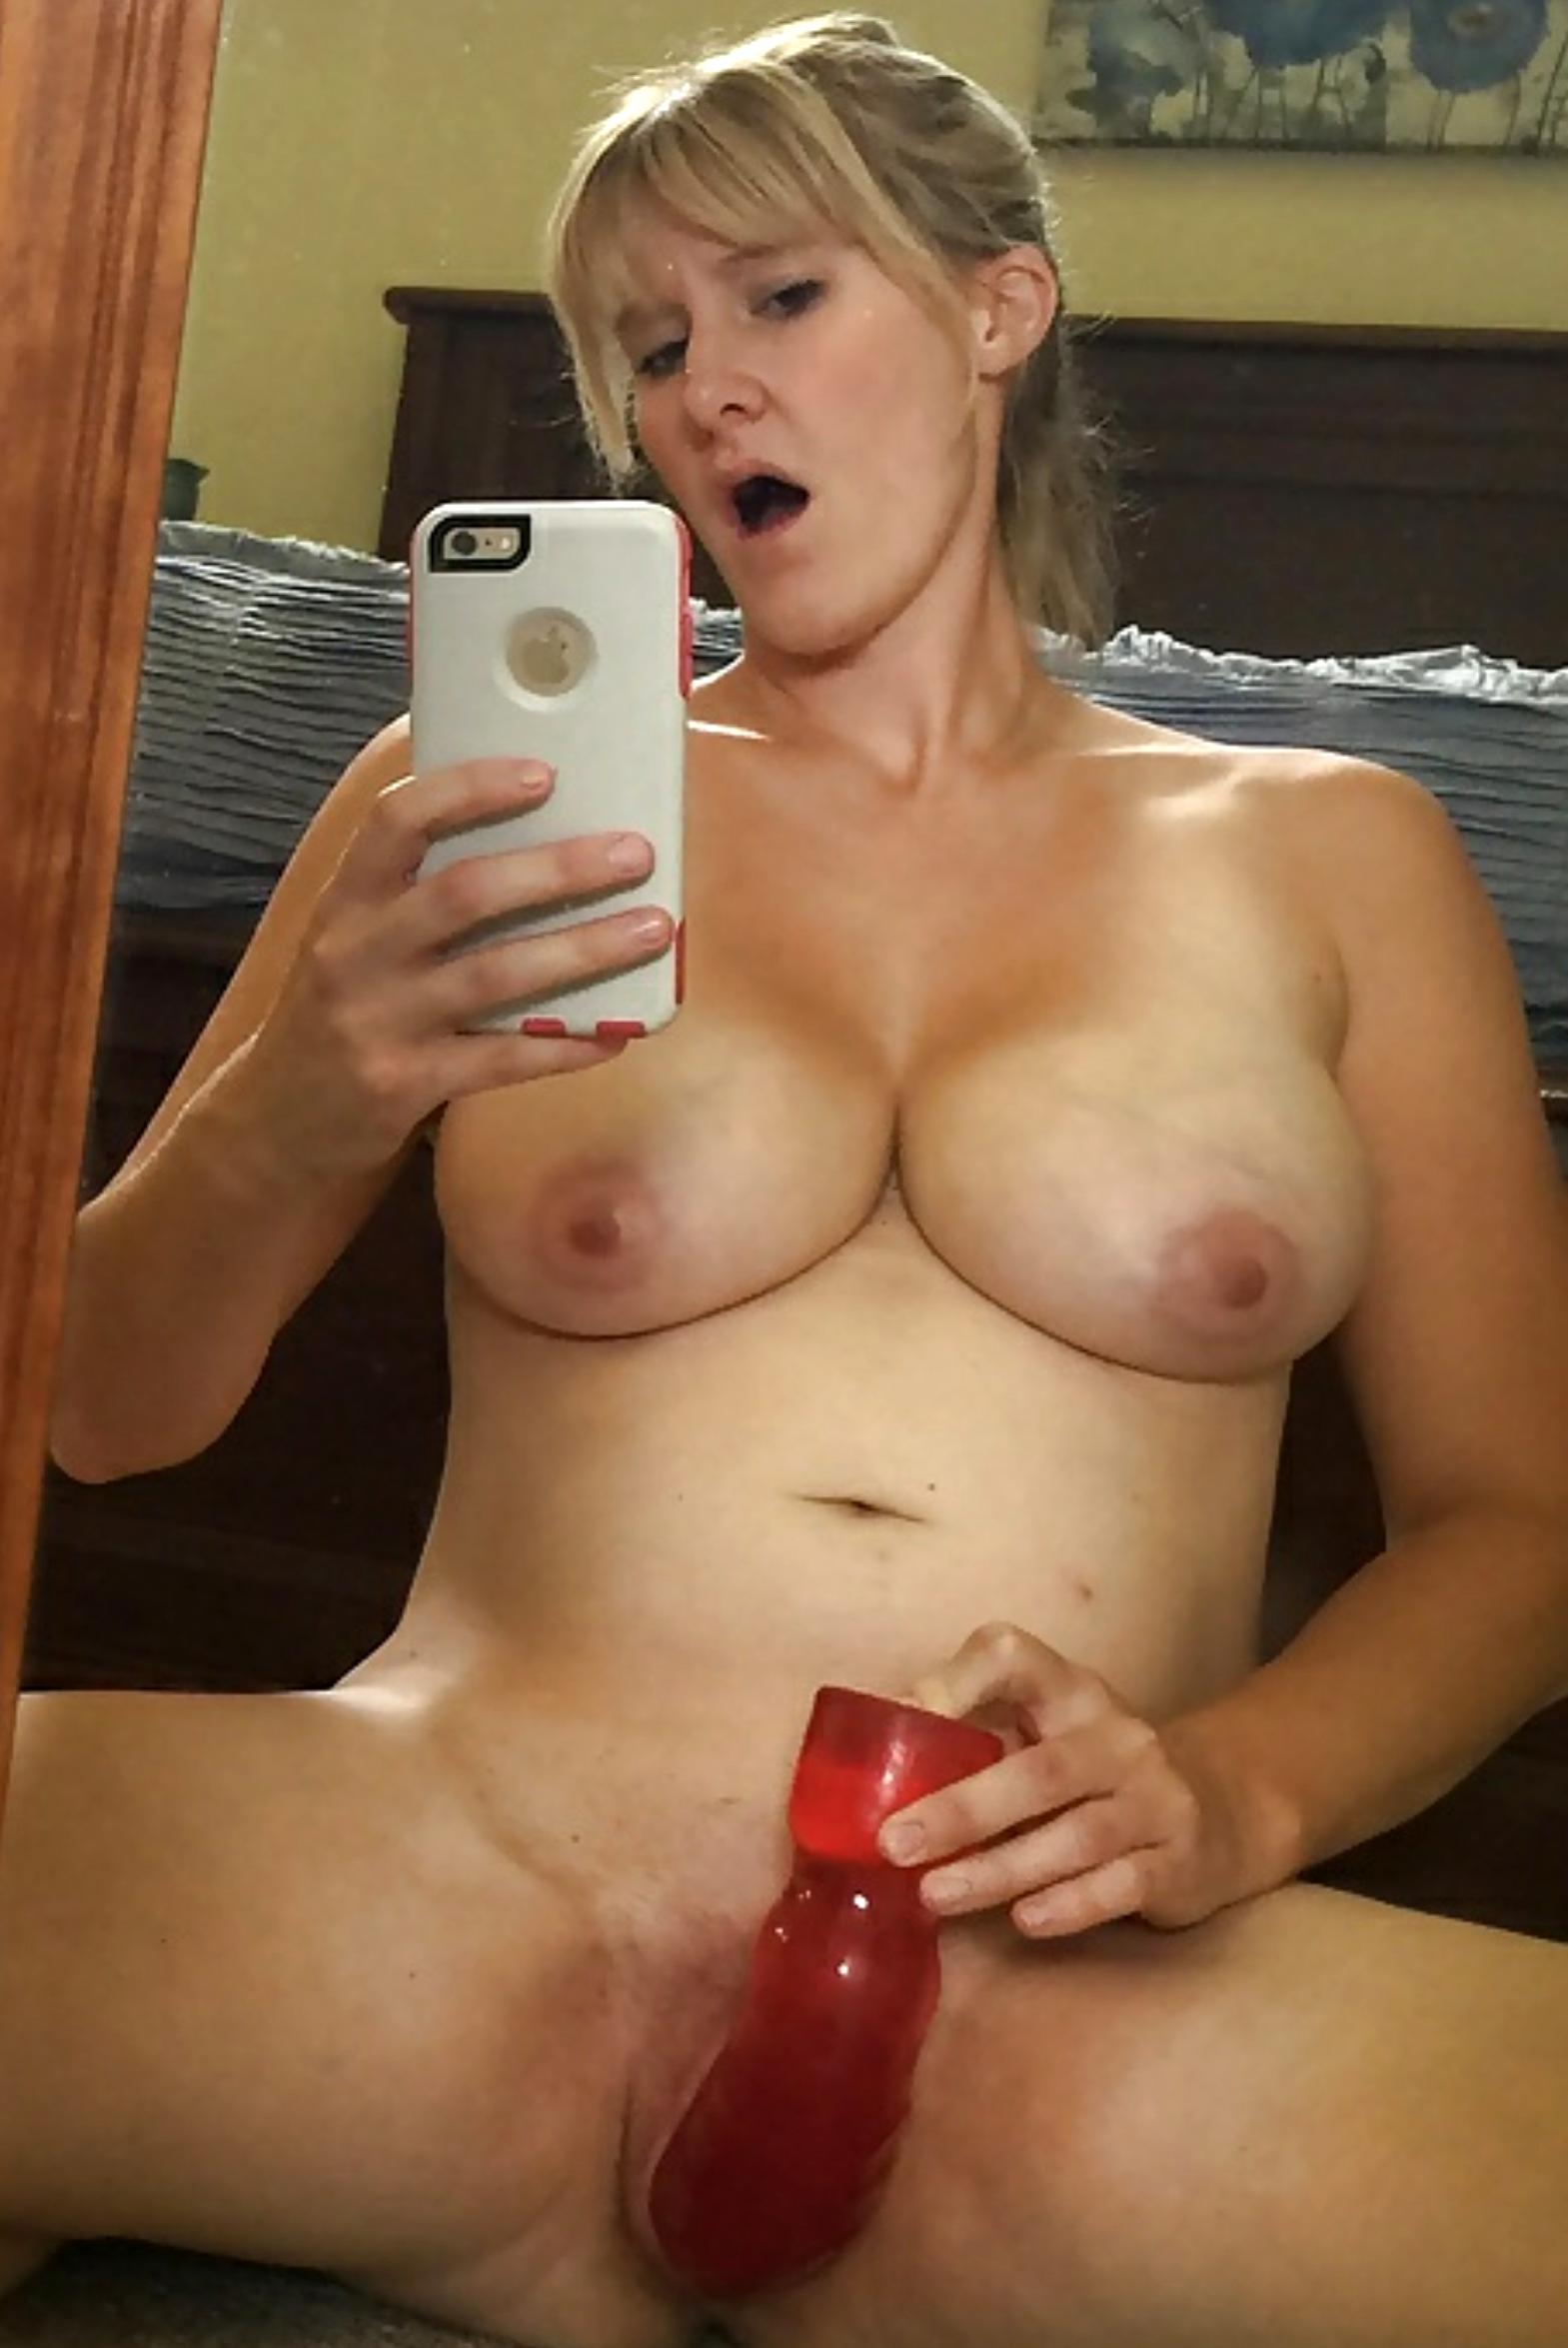 scanty mature selfies hot porn pics